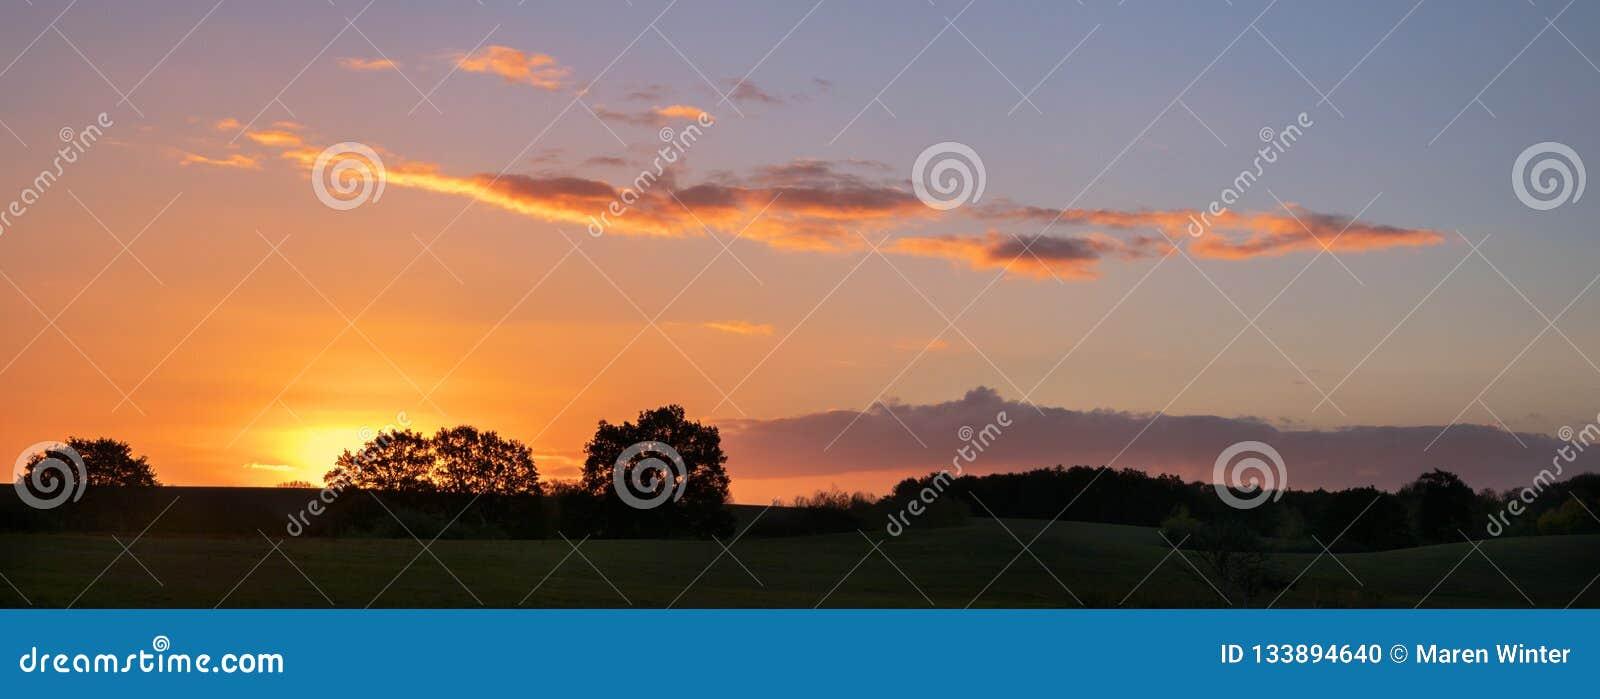 Coucher du soleil avec les nuages oranges au-dessus d un paysage rural large avec le meado